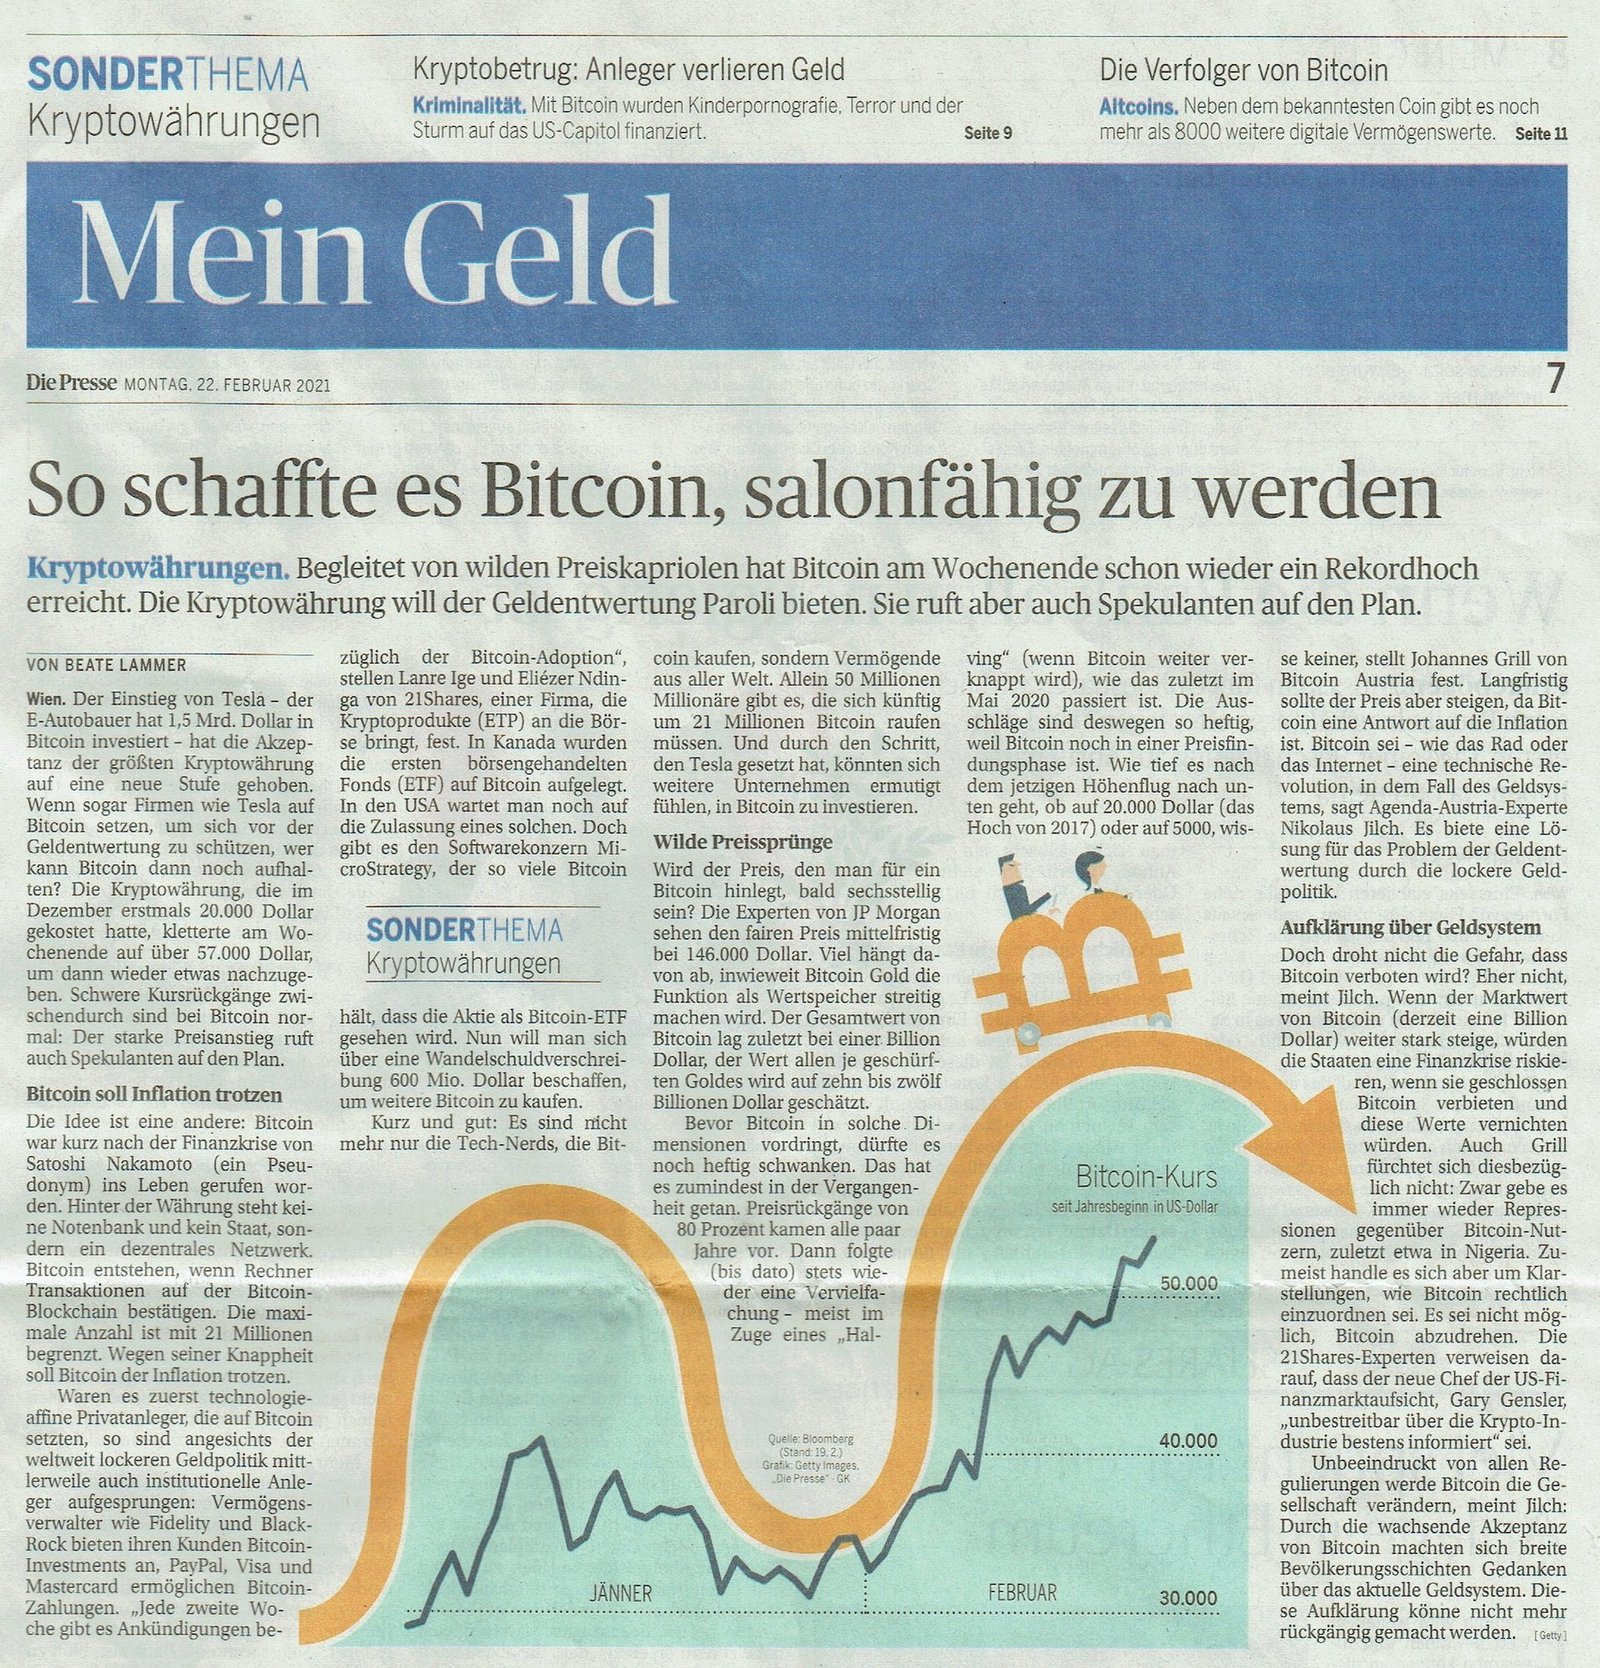 So schaffte es Bitcoin, salonfähig zu werden